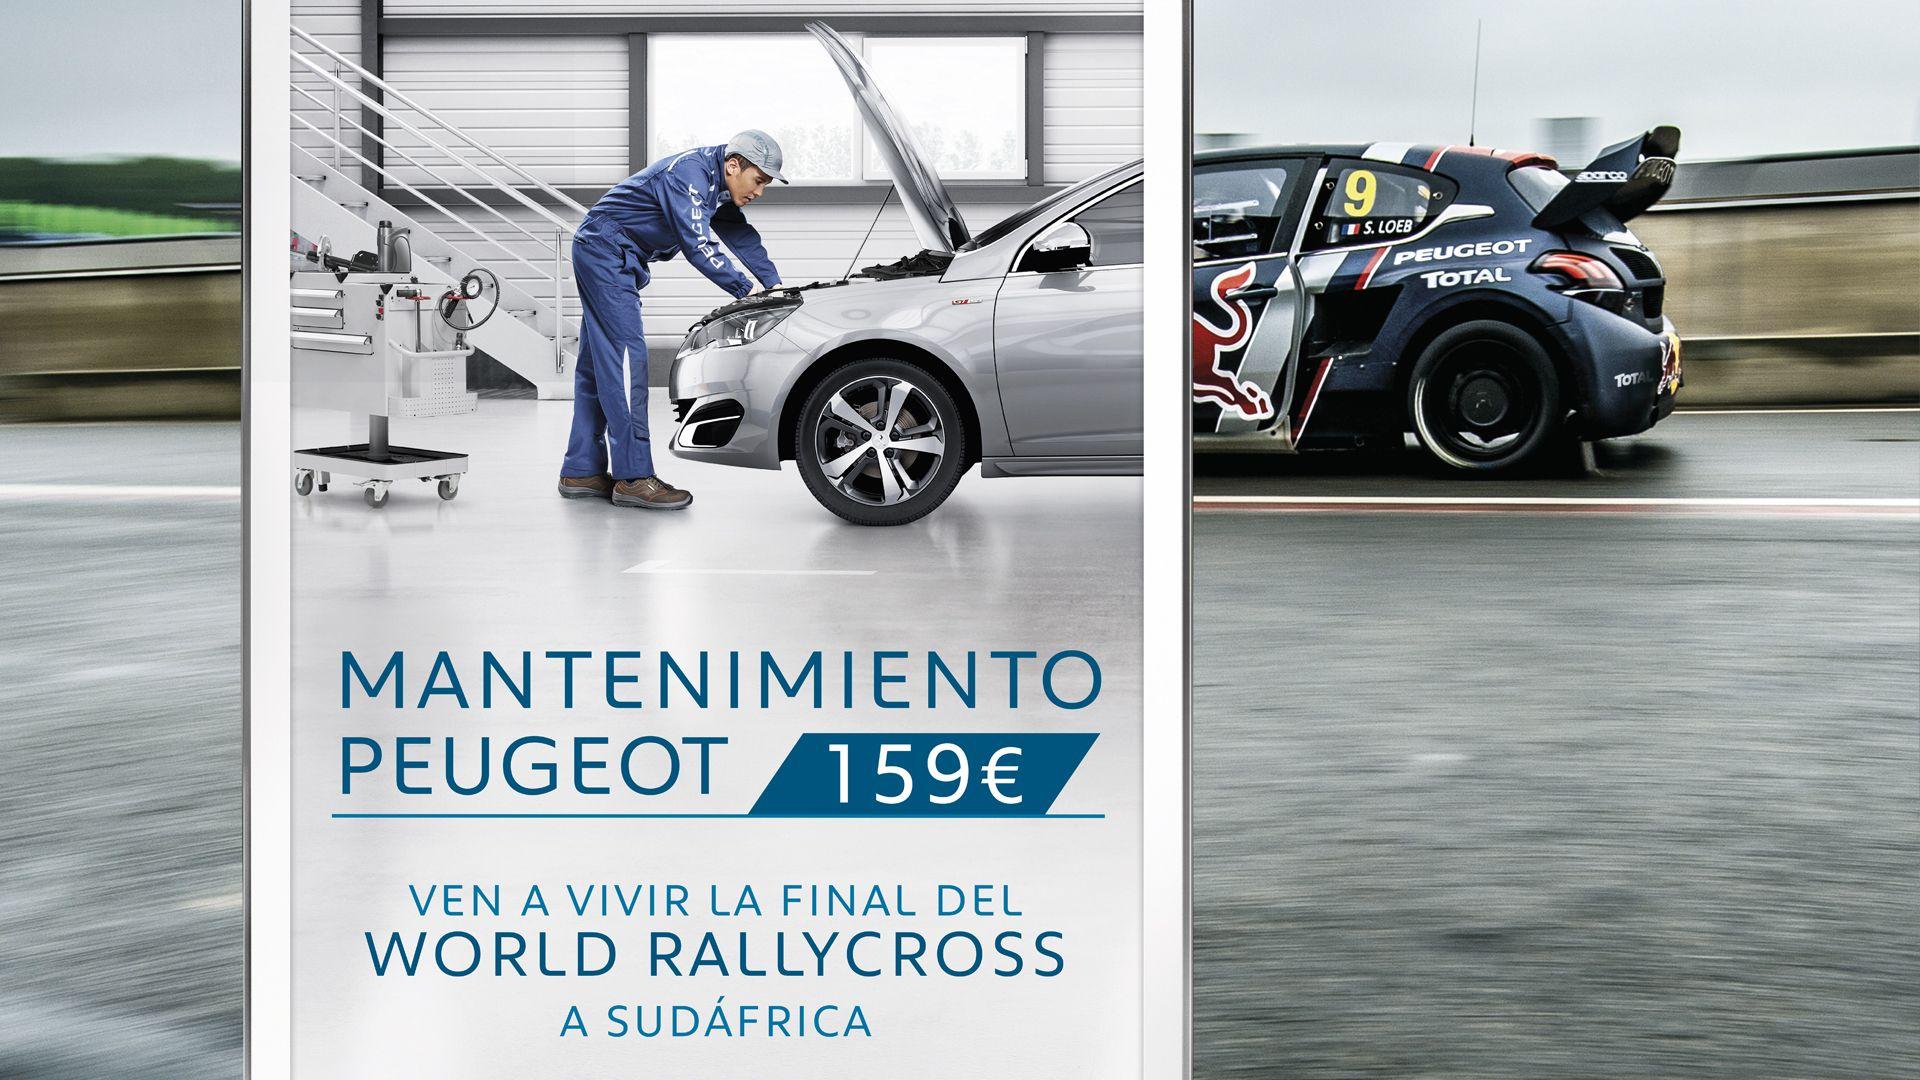 Realiza el mantenimento de tu Peugeot por sólo 159€ y viaja a Sudáfrica